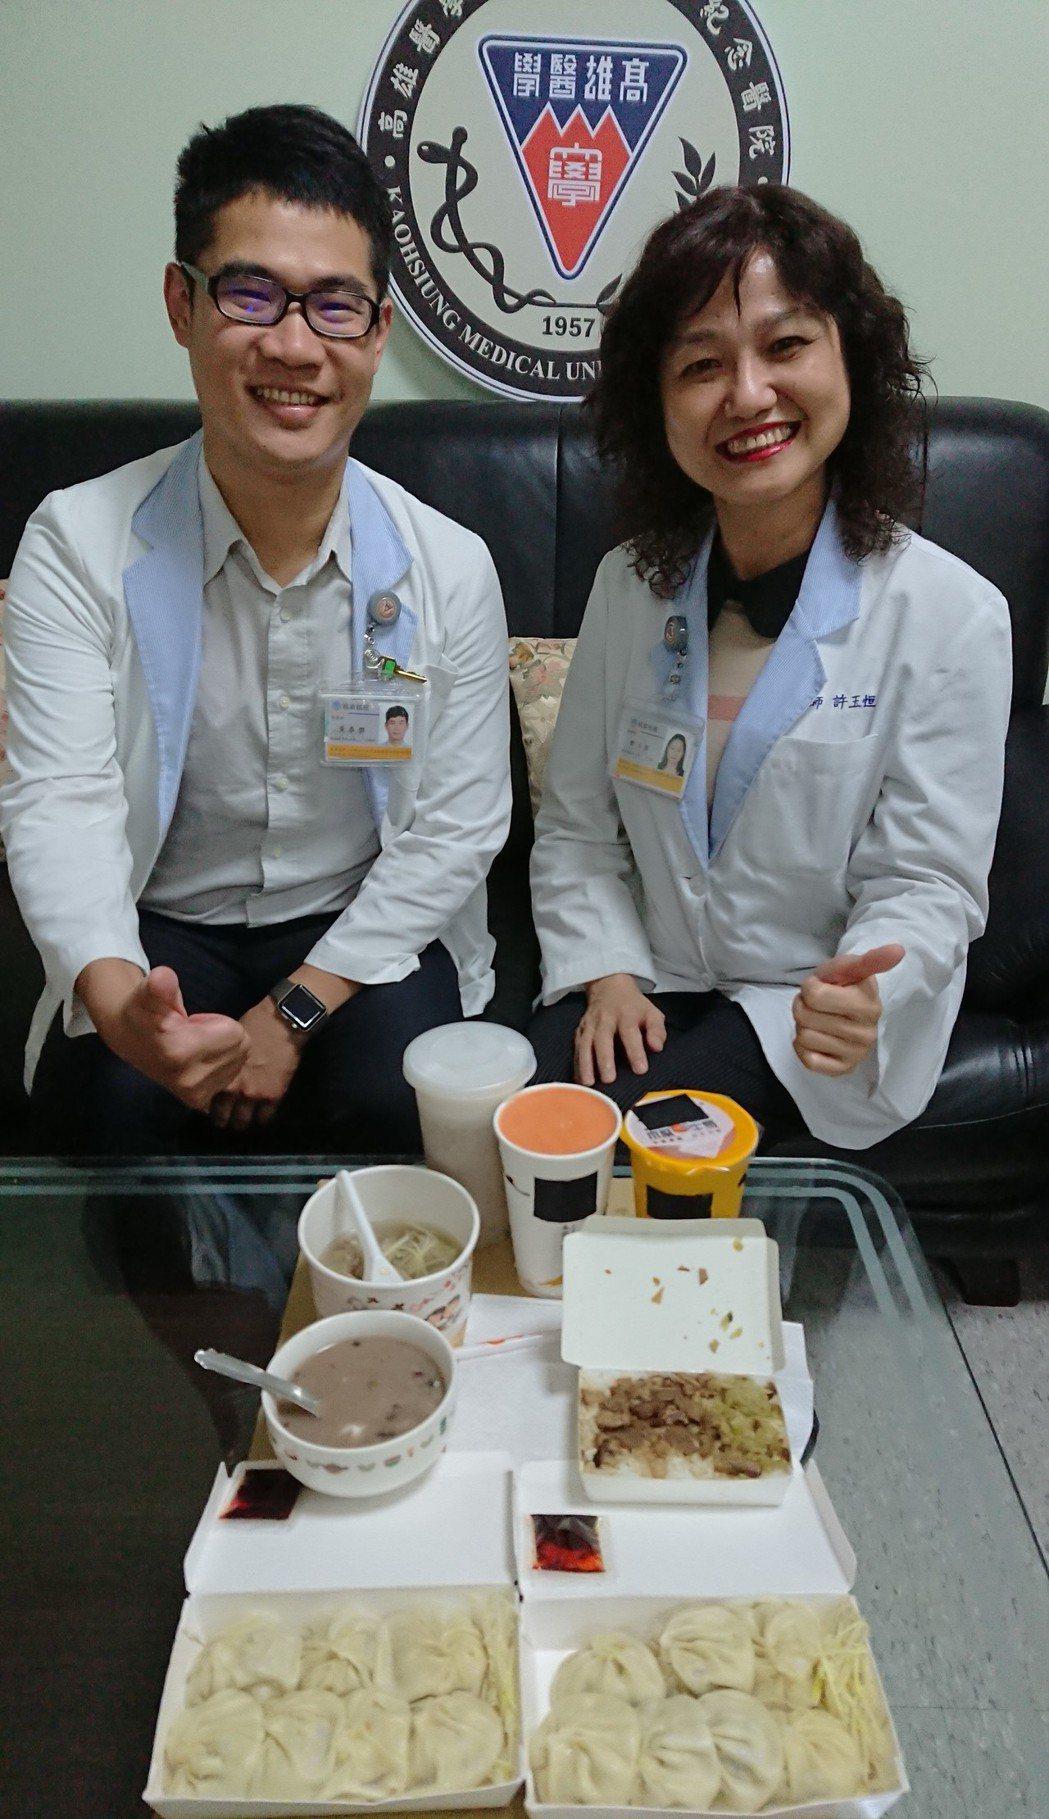 高醫營養師黃泰傑(左)及許玉恒(右)說,小吃屬高油食物,食用時應兼顧搭配蔬菜、多...